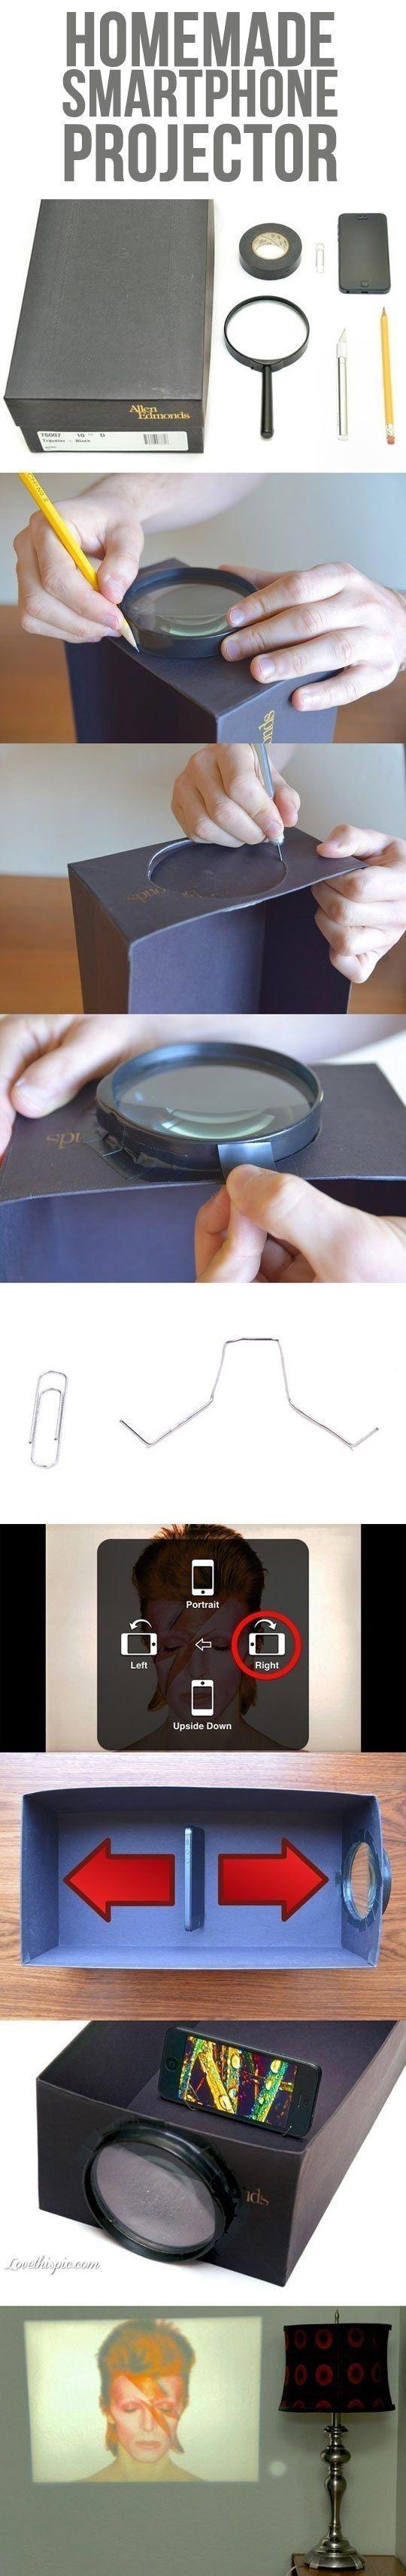 Proyector para celular casero, rápido fácil y con un resultado genial.